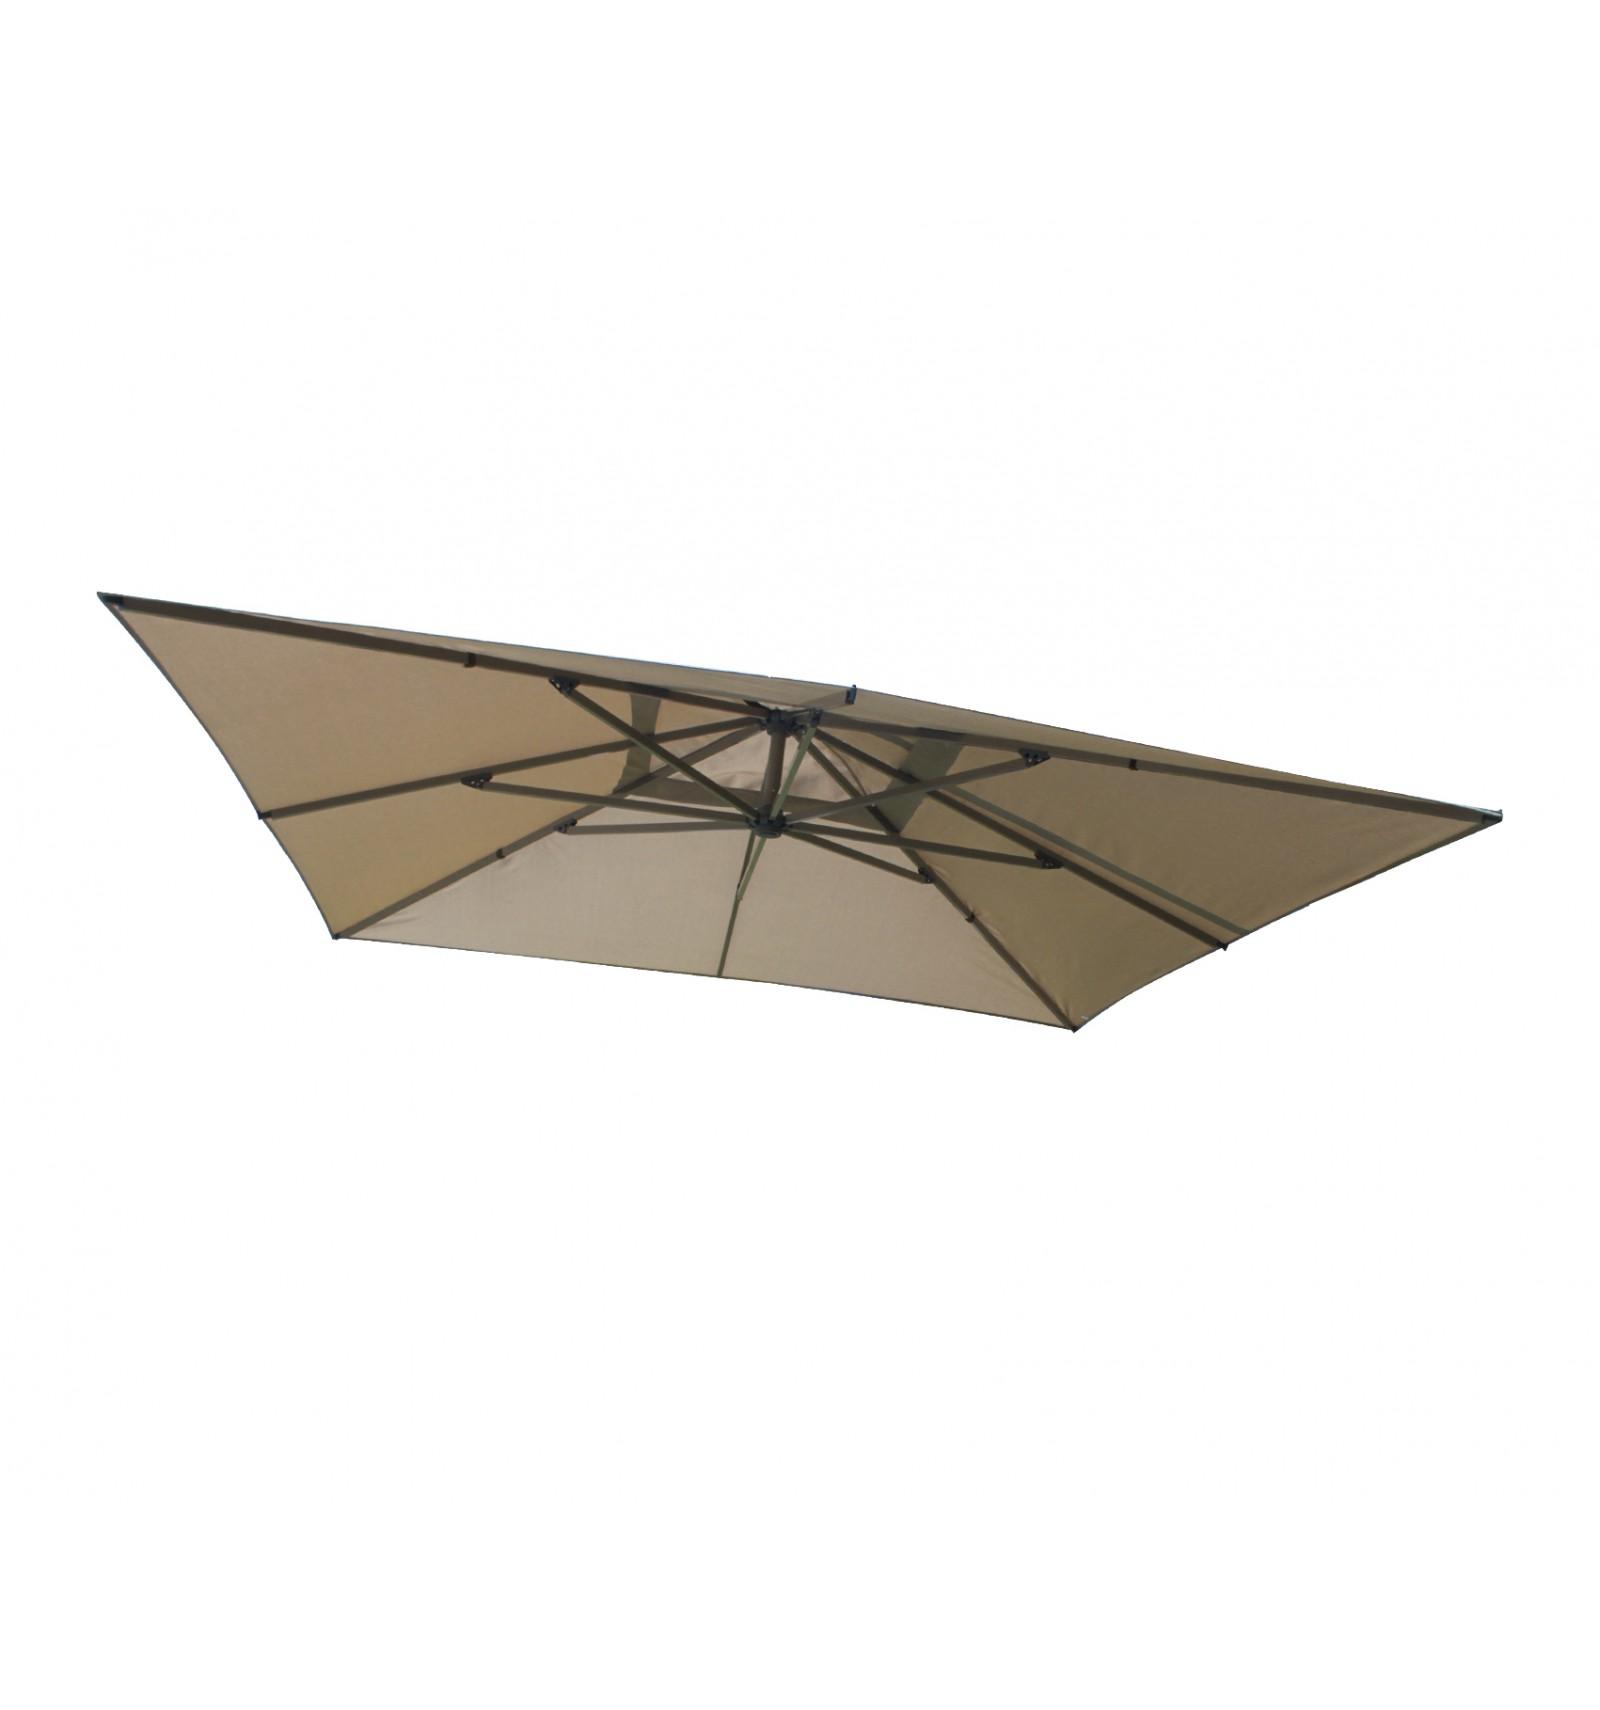 toile de remplacement taupe en olefin pour parasol easy sun 320. Black Bedroom Furniture Sets. Home Design Ideas